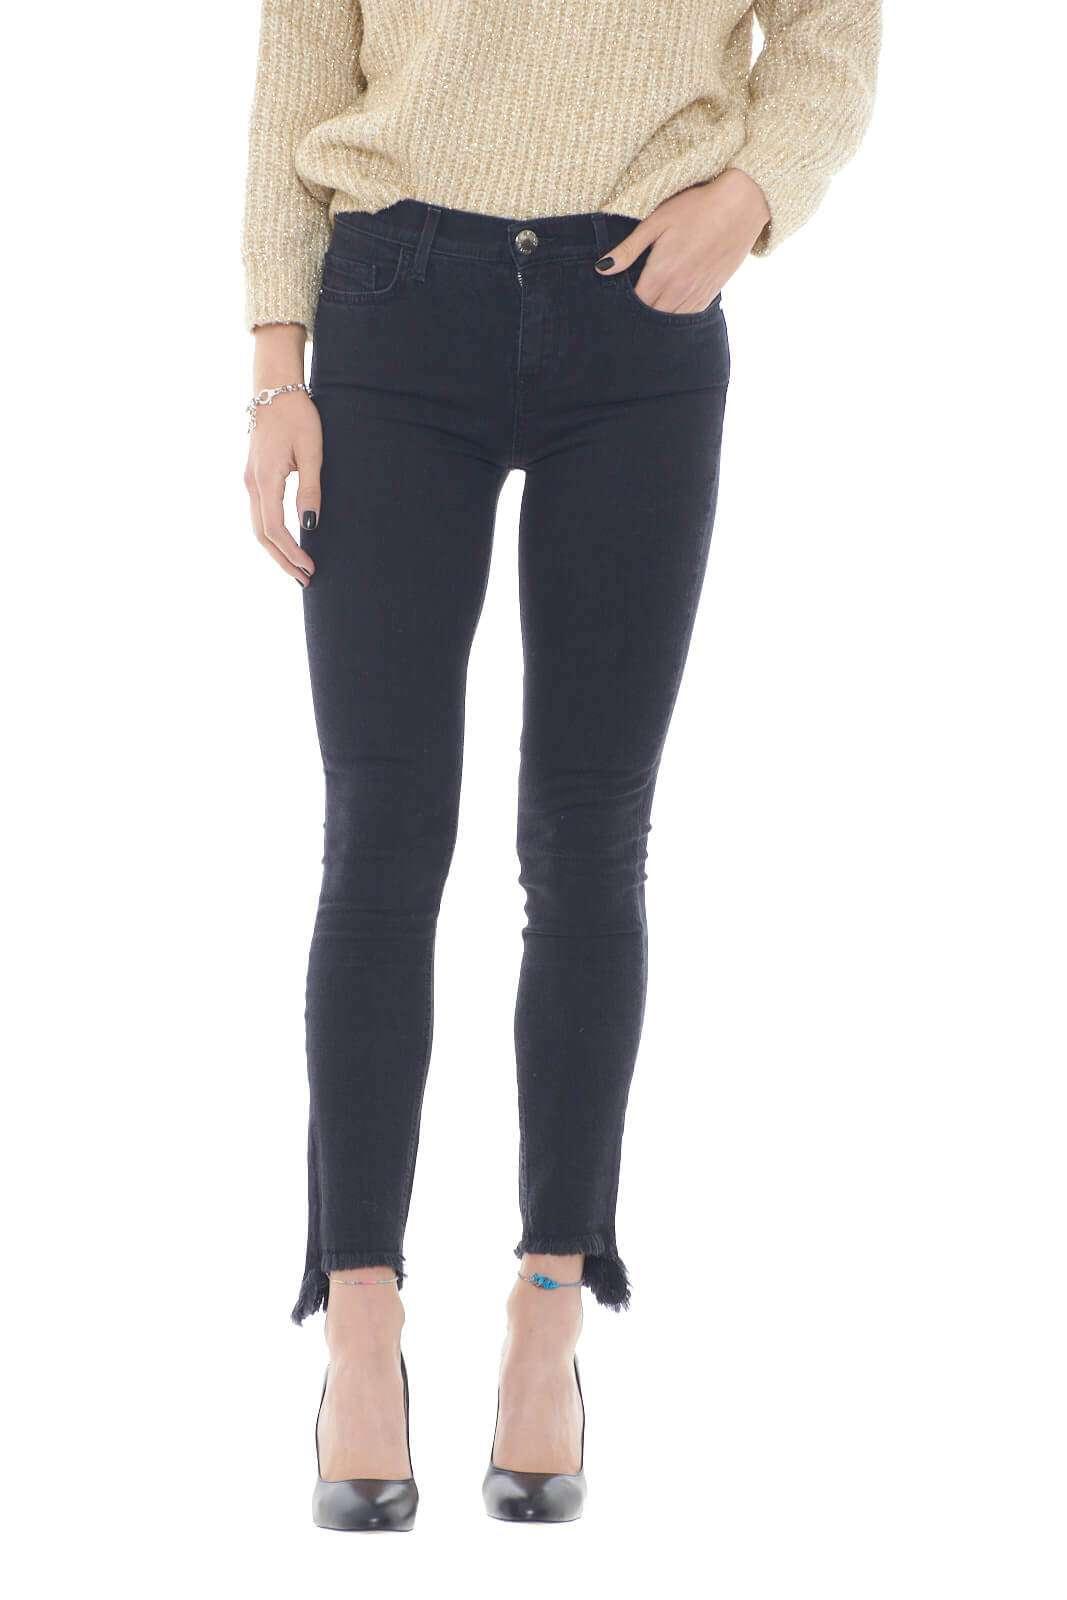 Un jeans skinny dal lavaggio pulito quello proposto dalla collezione donna Pinko.  Da abbinare ad ogni look si impone grazie al fondo asimmetrico sfrangiato.  Perfetto con una blusa elegante che con una maglia completa ogni look.